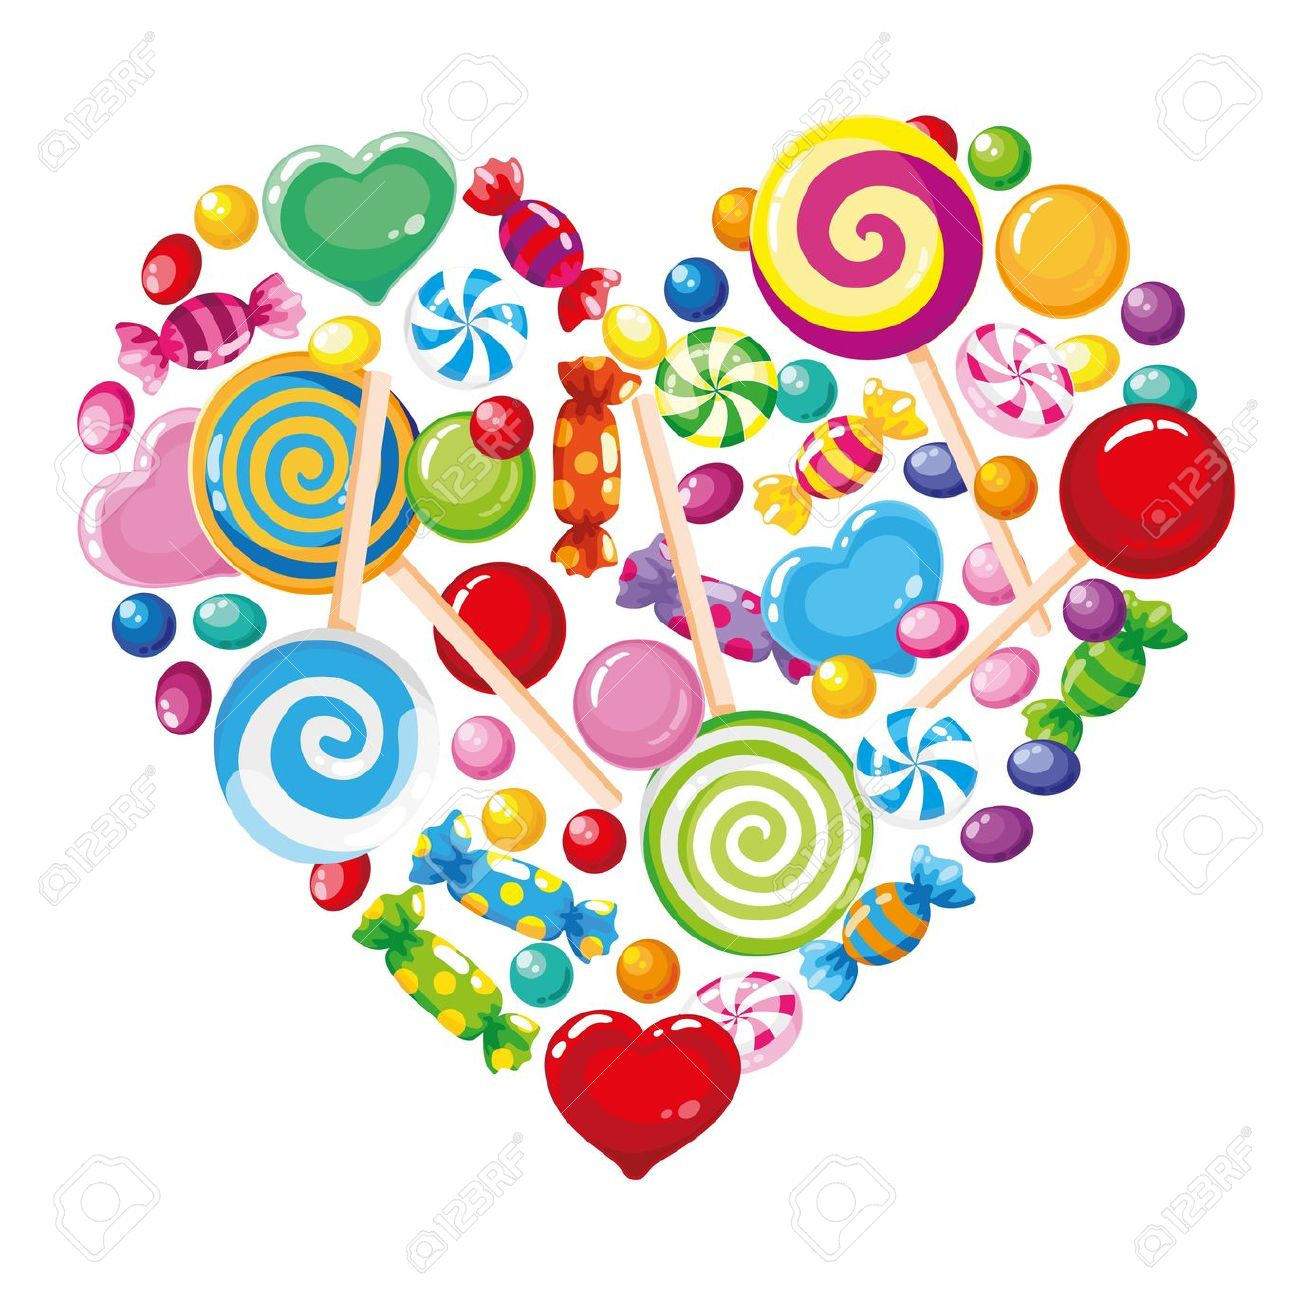 Candy clip art heart.